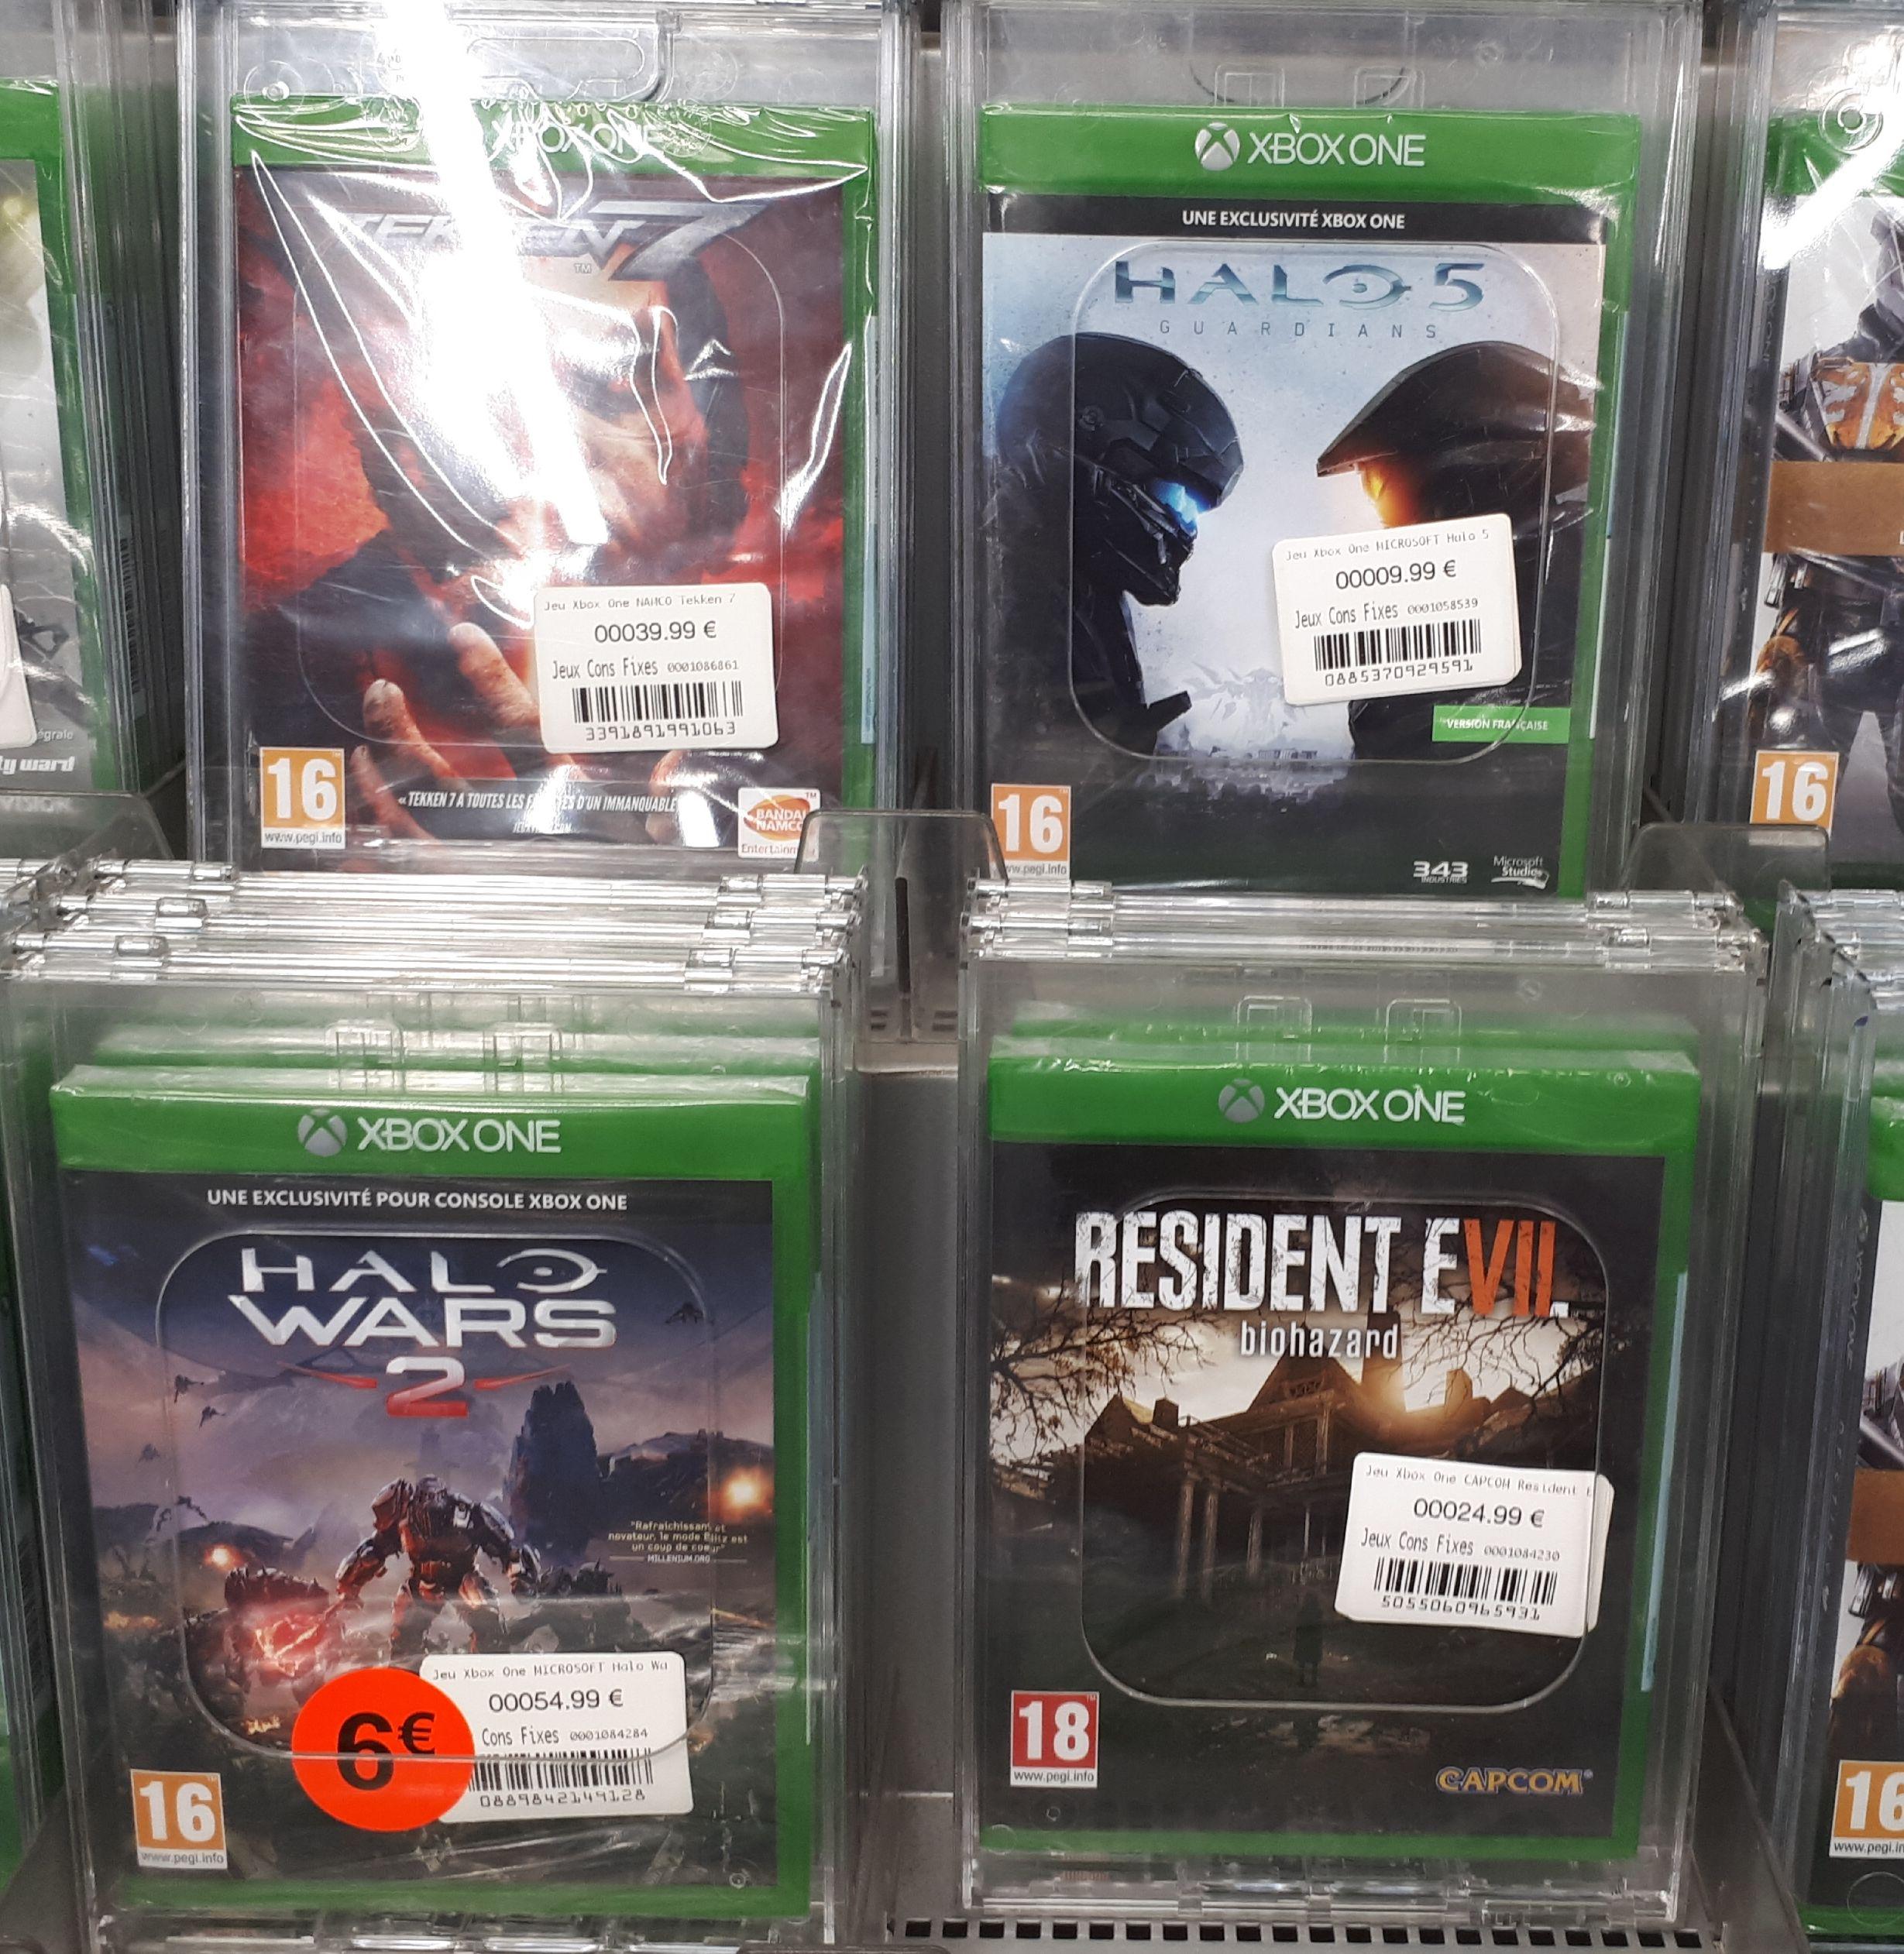 Sélection de jeux Xbox One en promotion - Ex : Jeu Halo wars 2 sur Xbox One - Boulanger Vandoeuvre les Nancy (54)